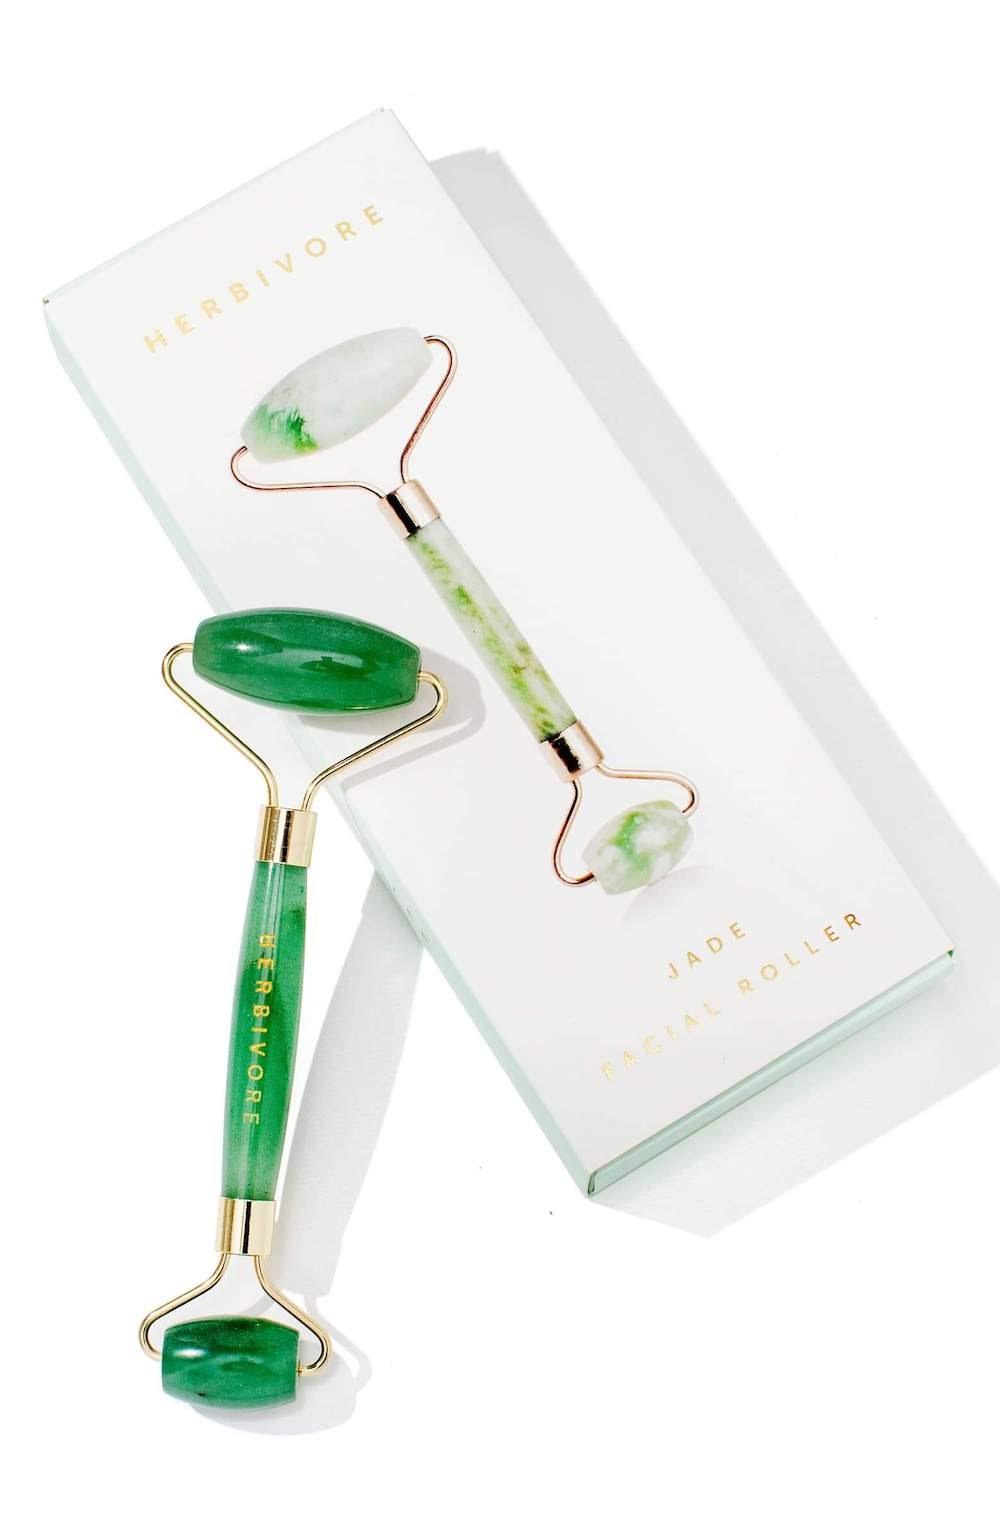 Jade Roller from Herbivore